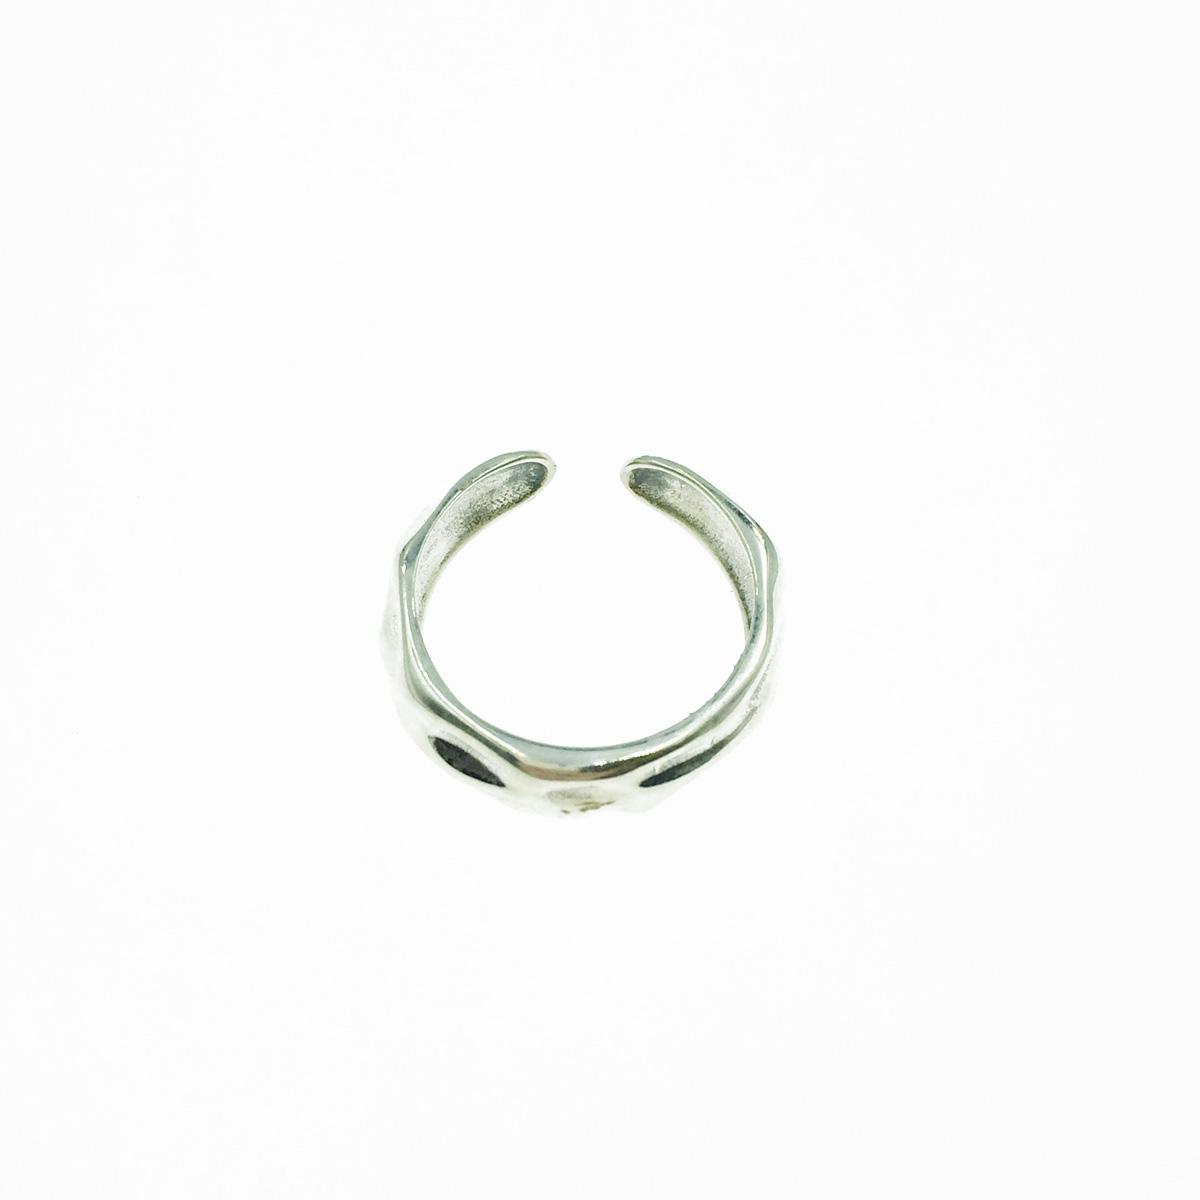 韓國 925純銀 不規則面 金屬 歐美個性風 可調式 戒指